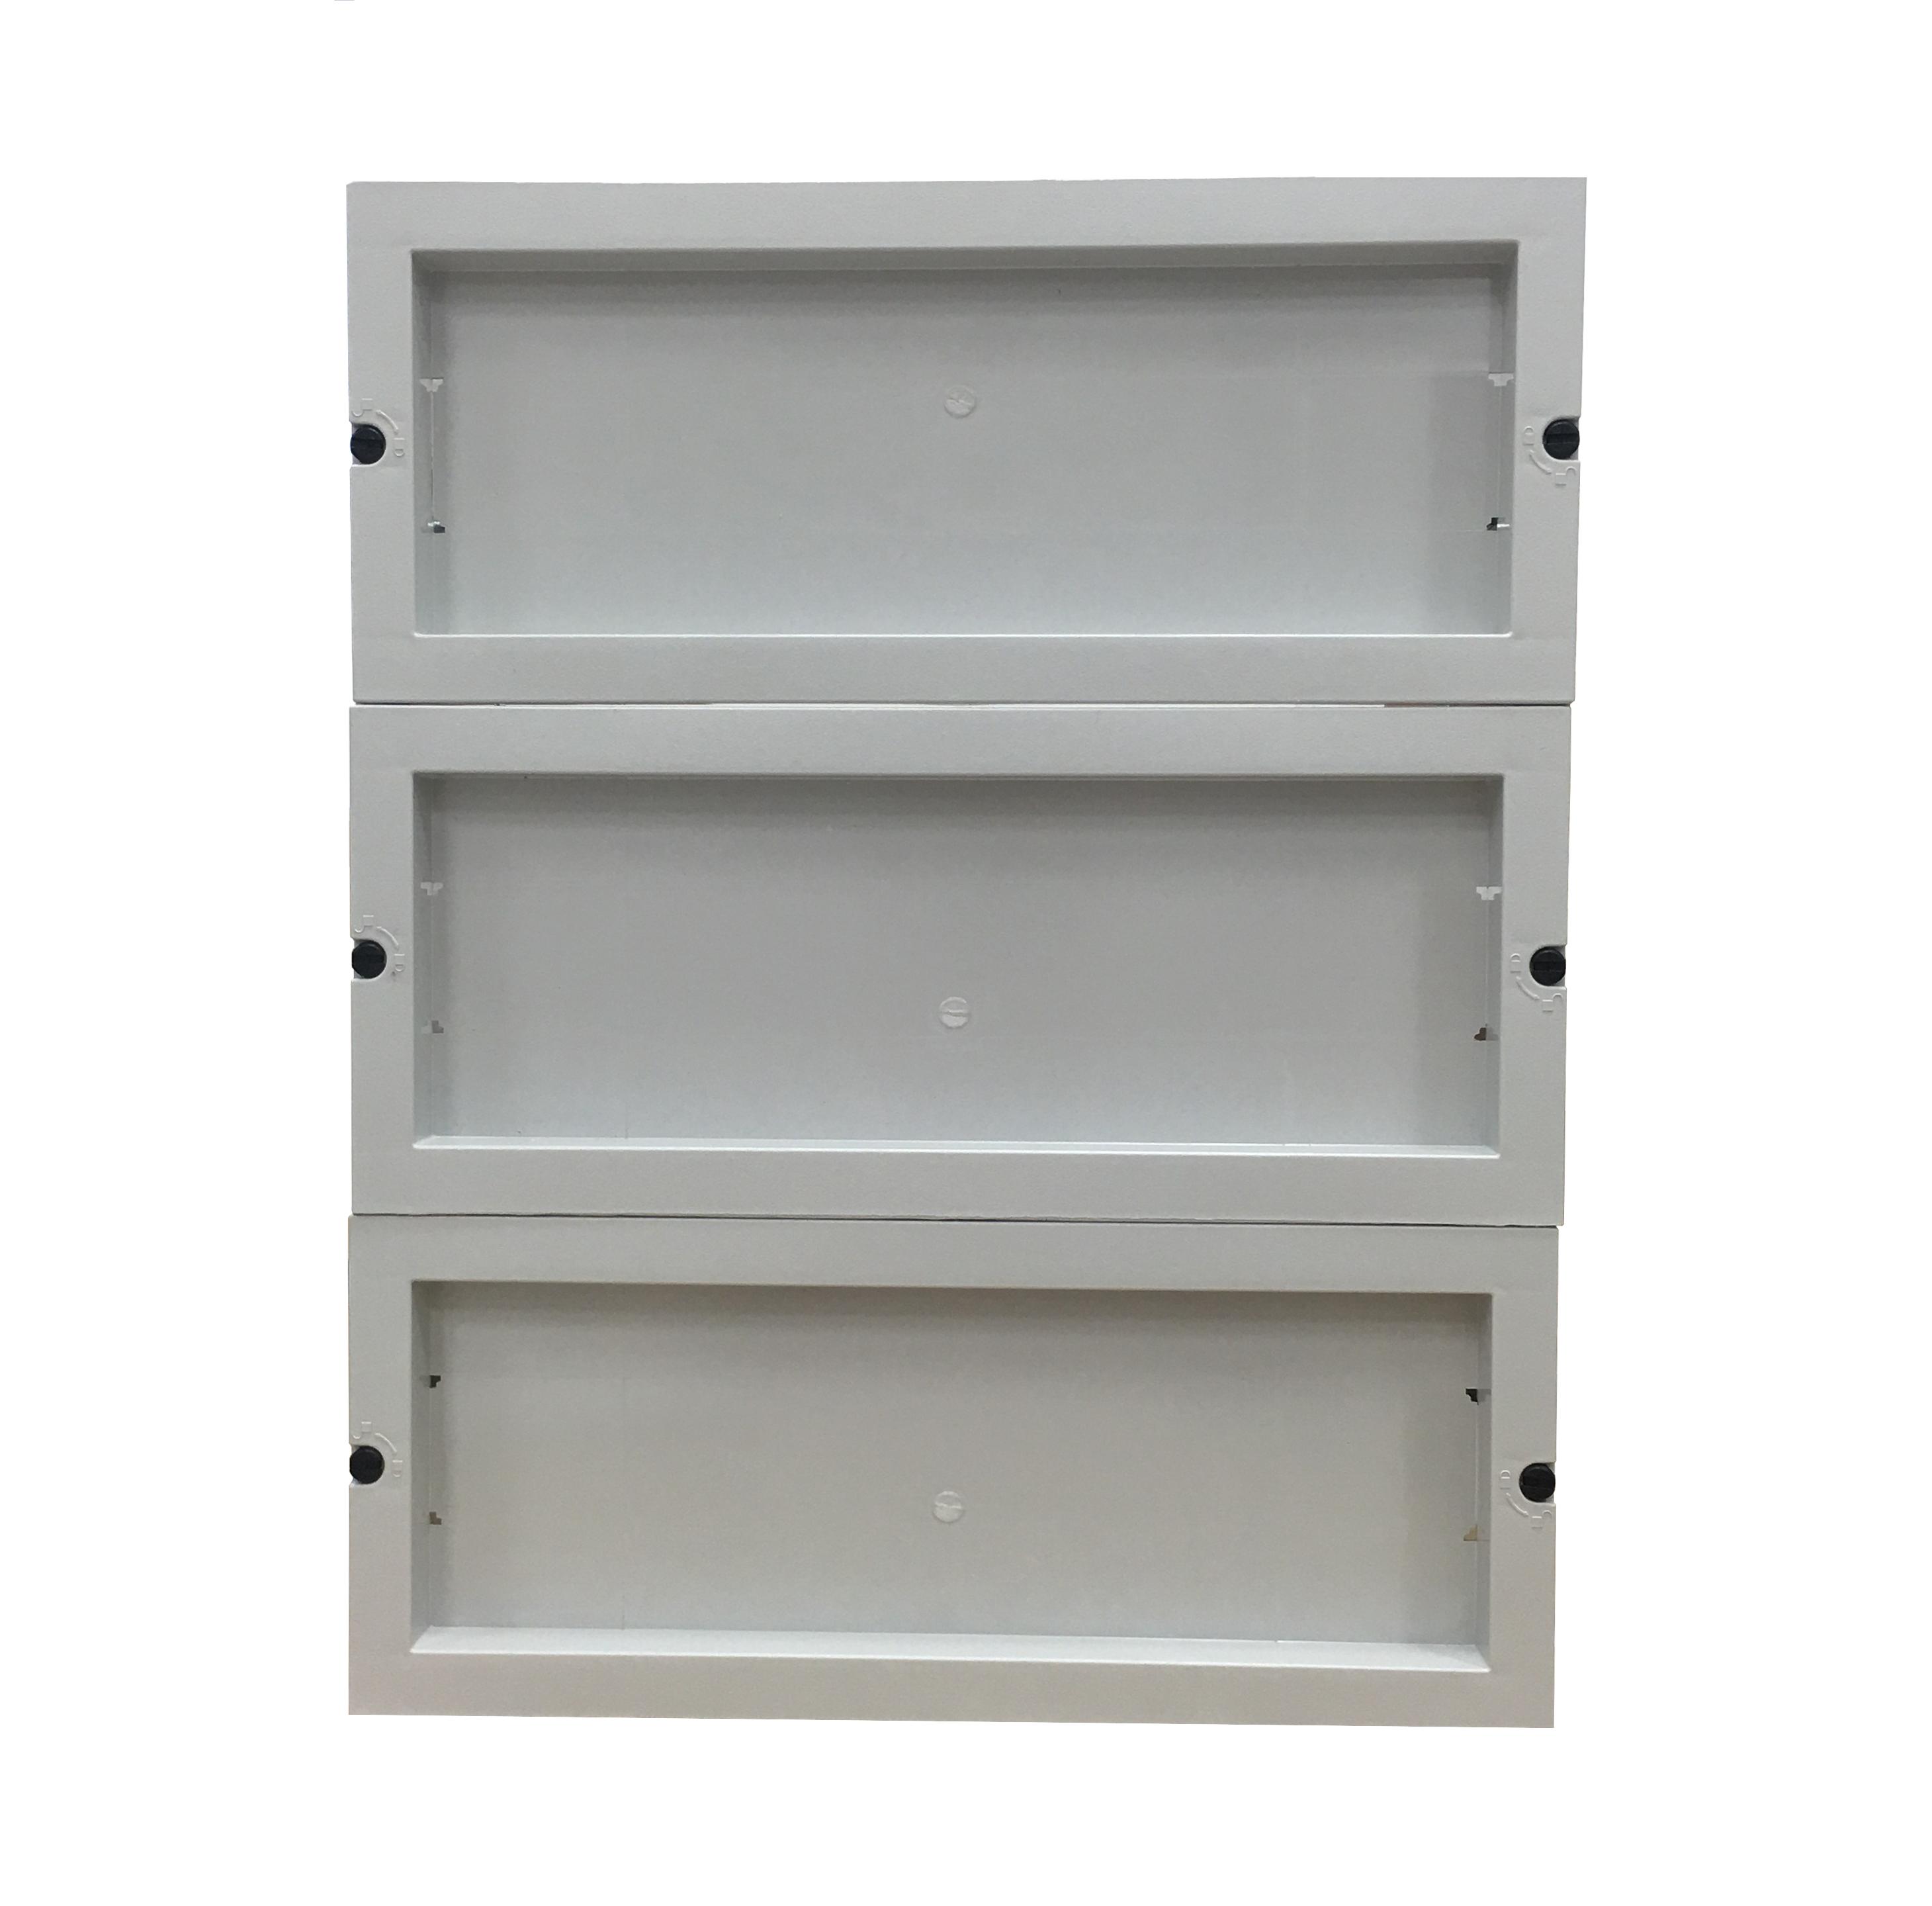 1 Stk Installationseinsatz für 600x400 3x18TE IMCH0064--